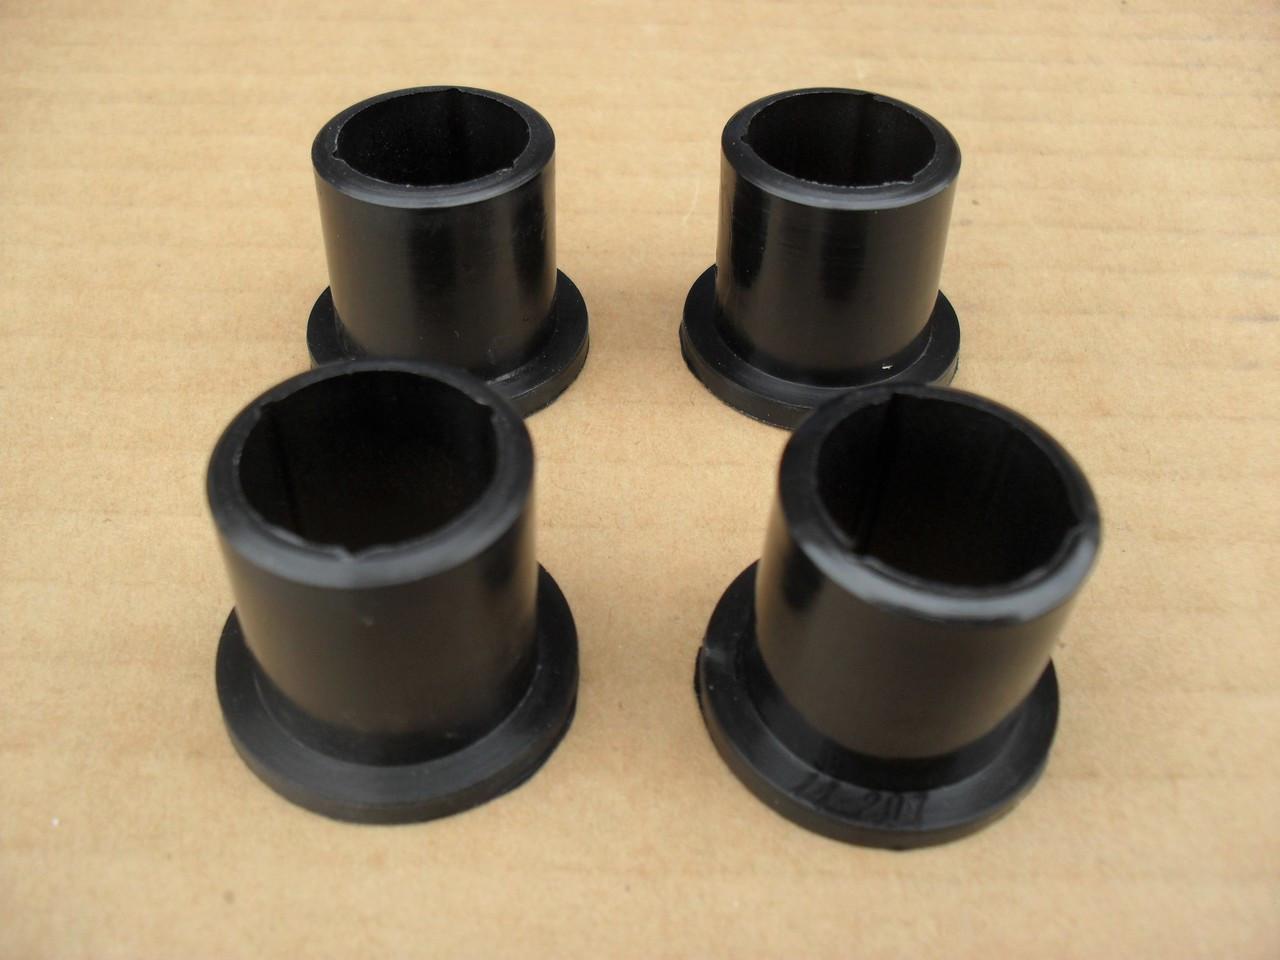 Wheel Axle Bushings for MTD 741-0313, 741-0487, 741-0487A, 741-0487C, 941-0487A, bushing, bearings bearing